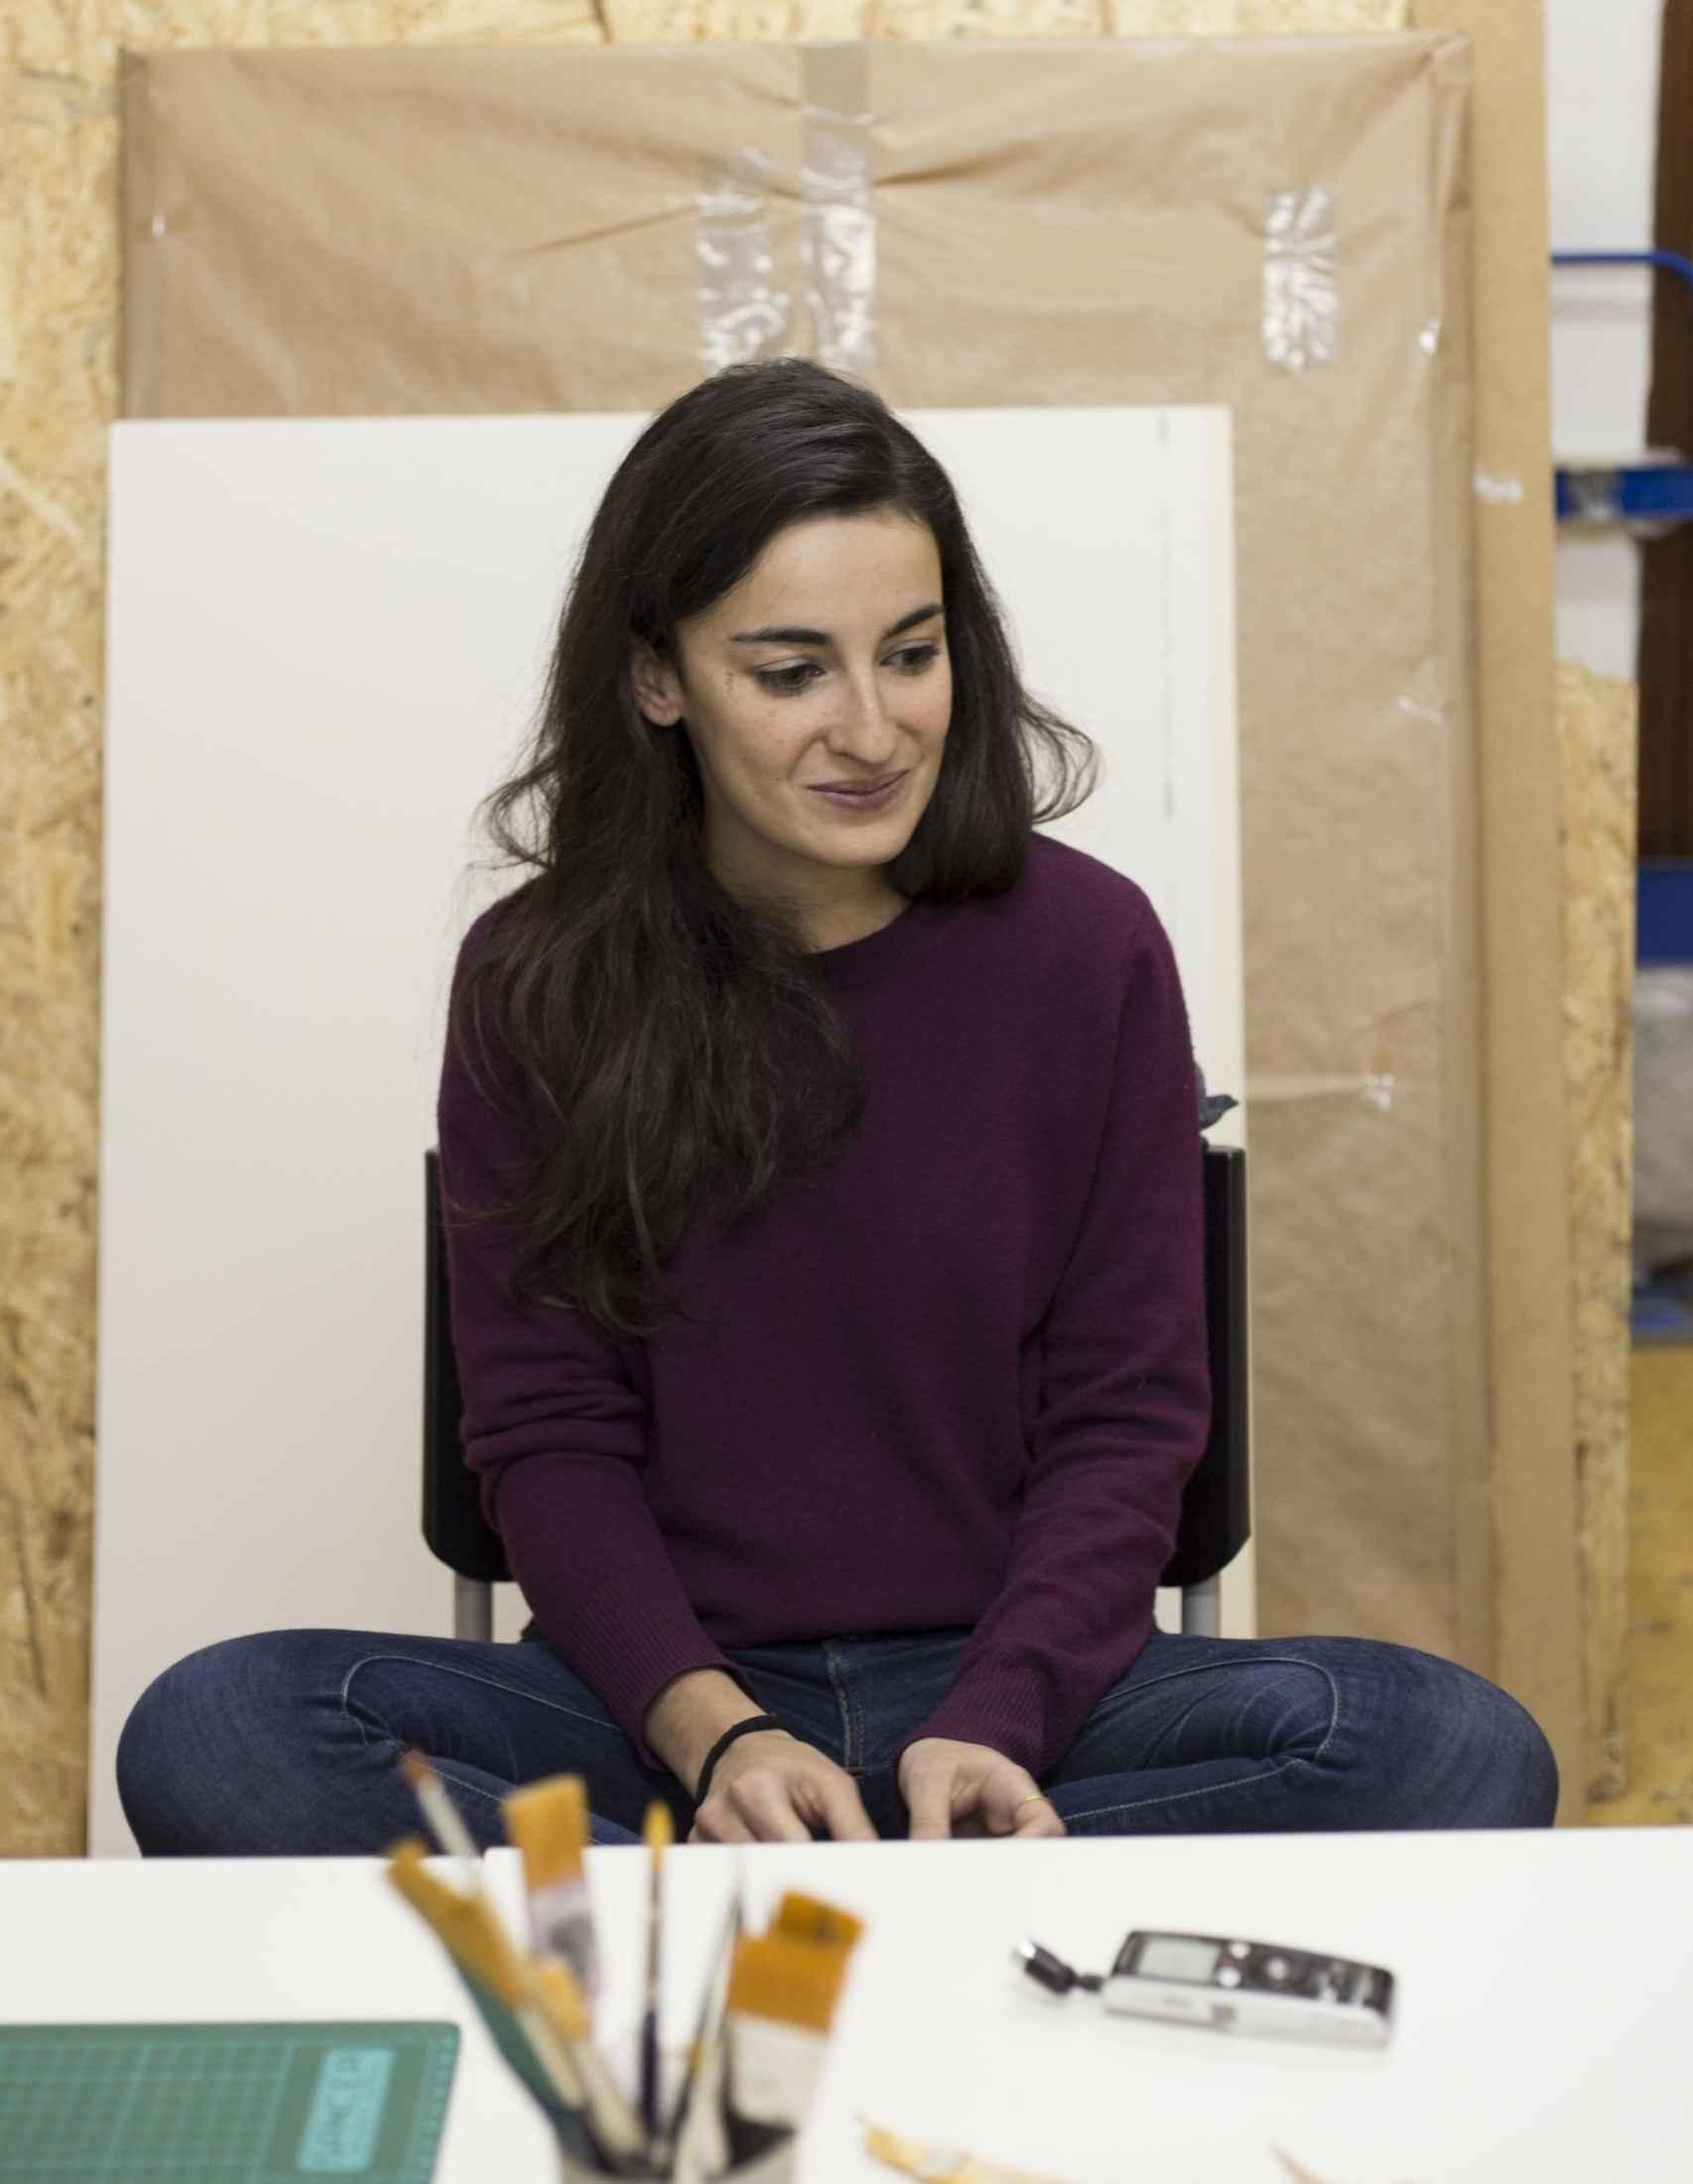 La pintora Blanca Gracia en su estudio.